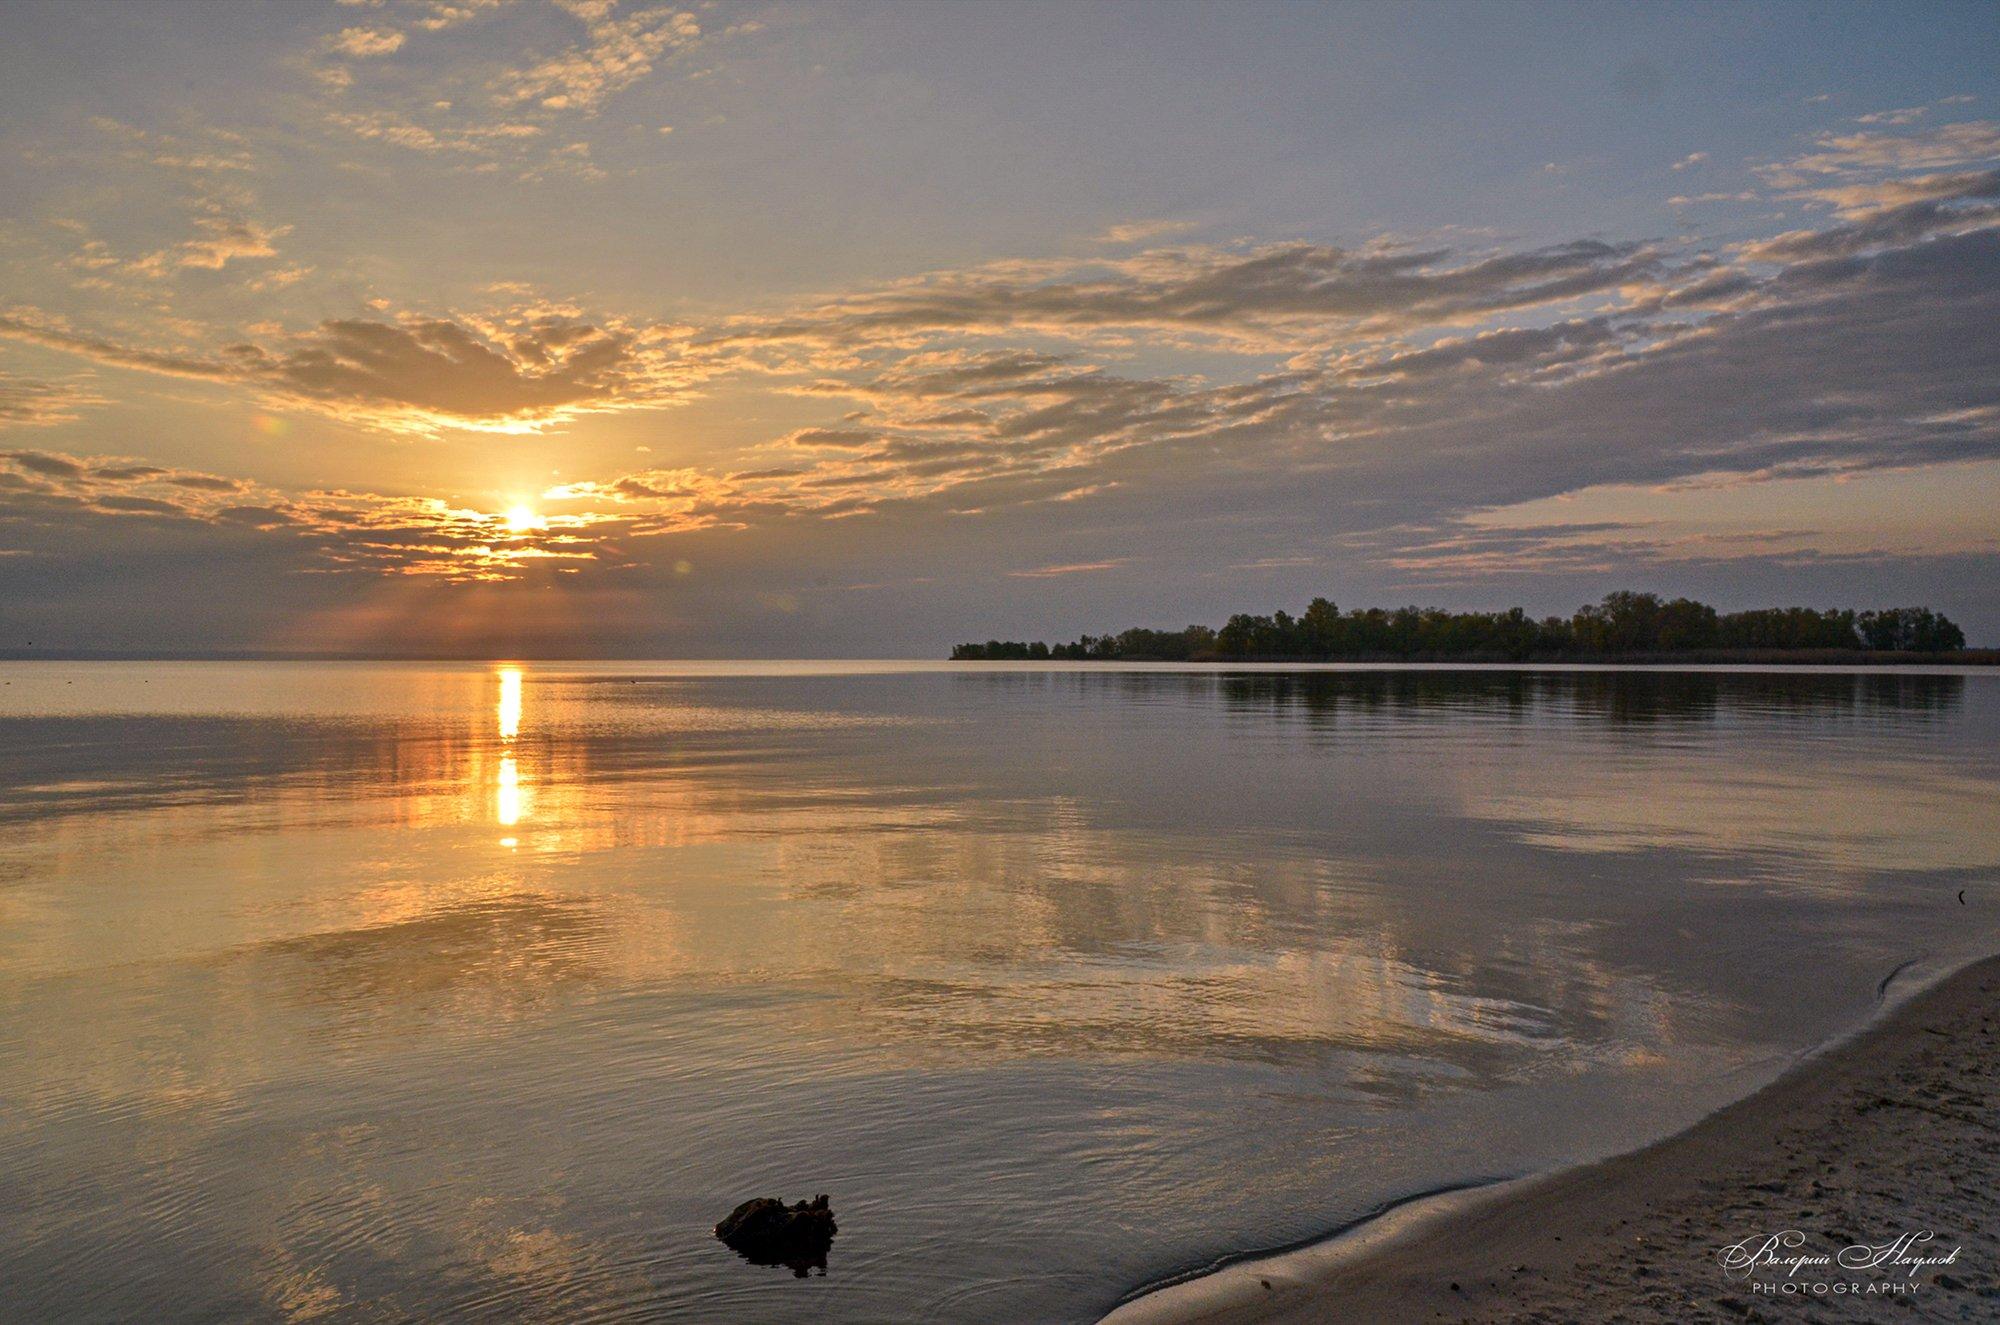 утро, рассвет, восход, лучи, вода, отражения, небо, облака, Валерий Наумов